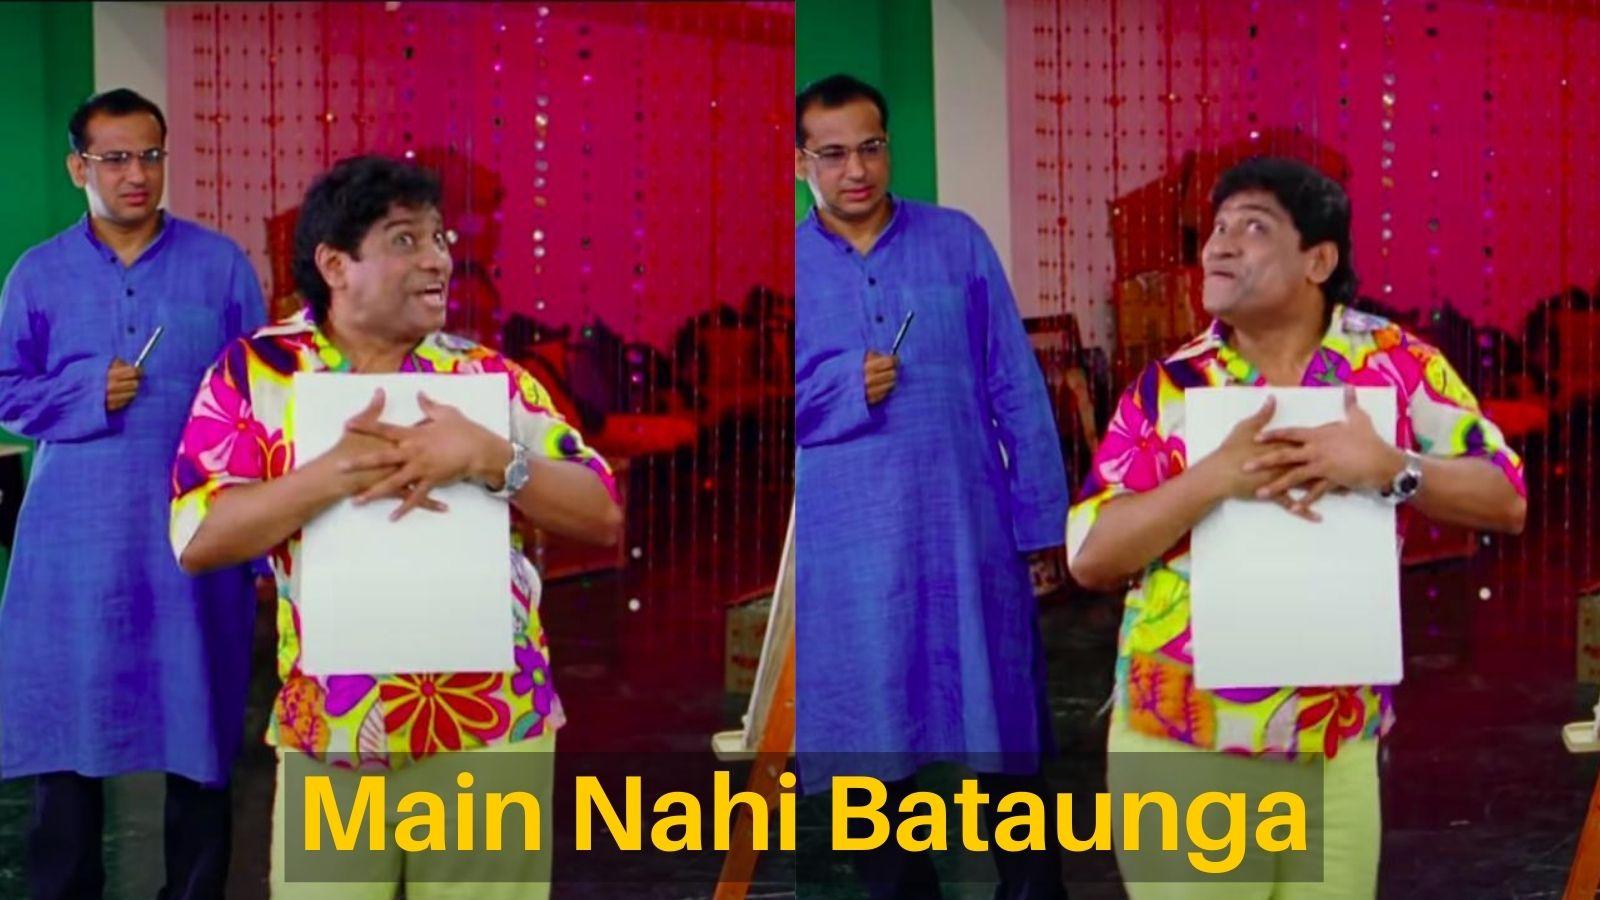 mai nahi bataunga meme template